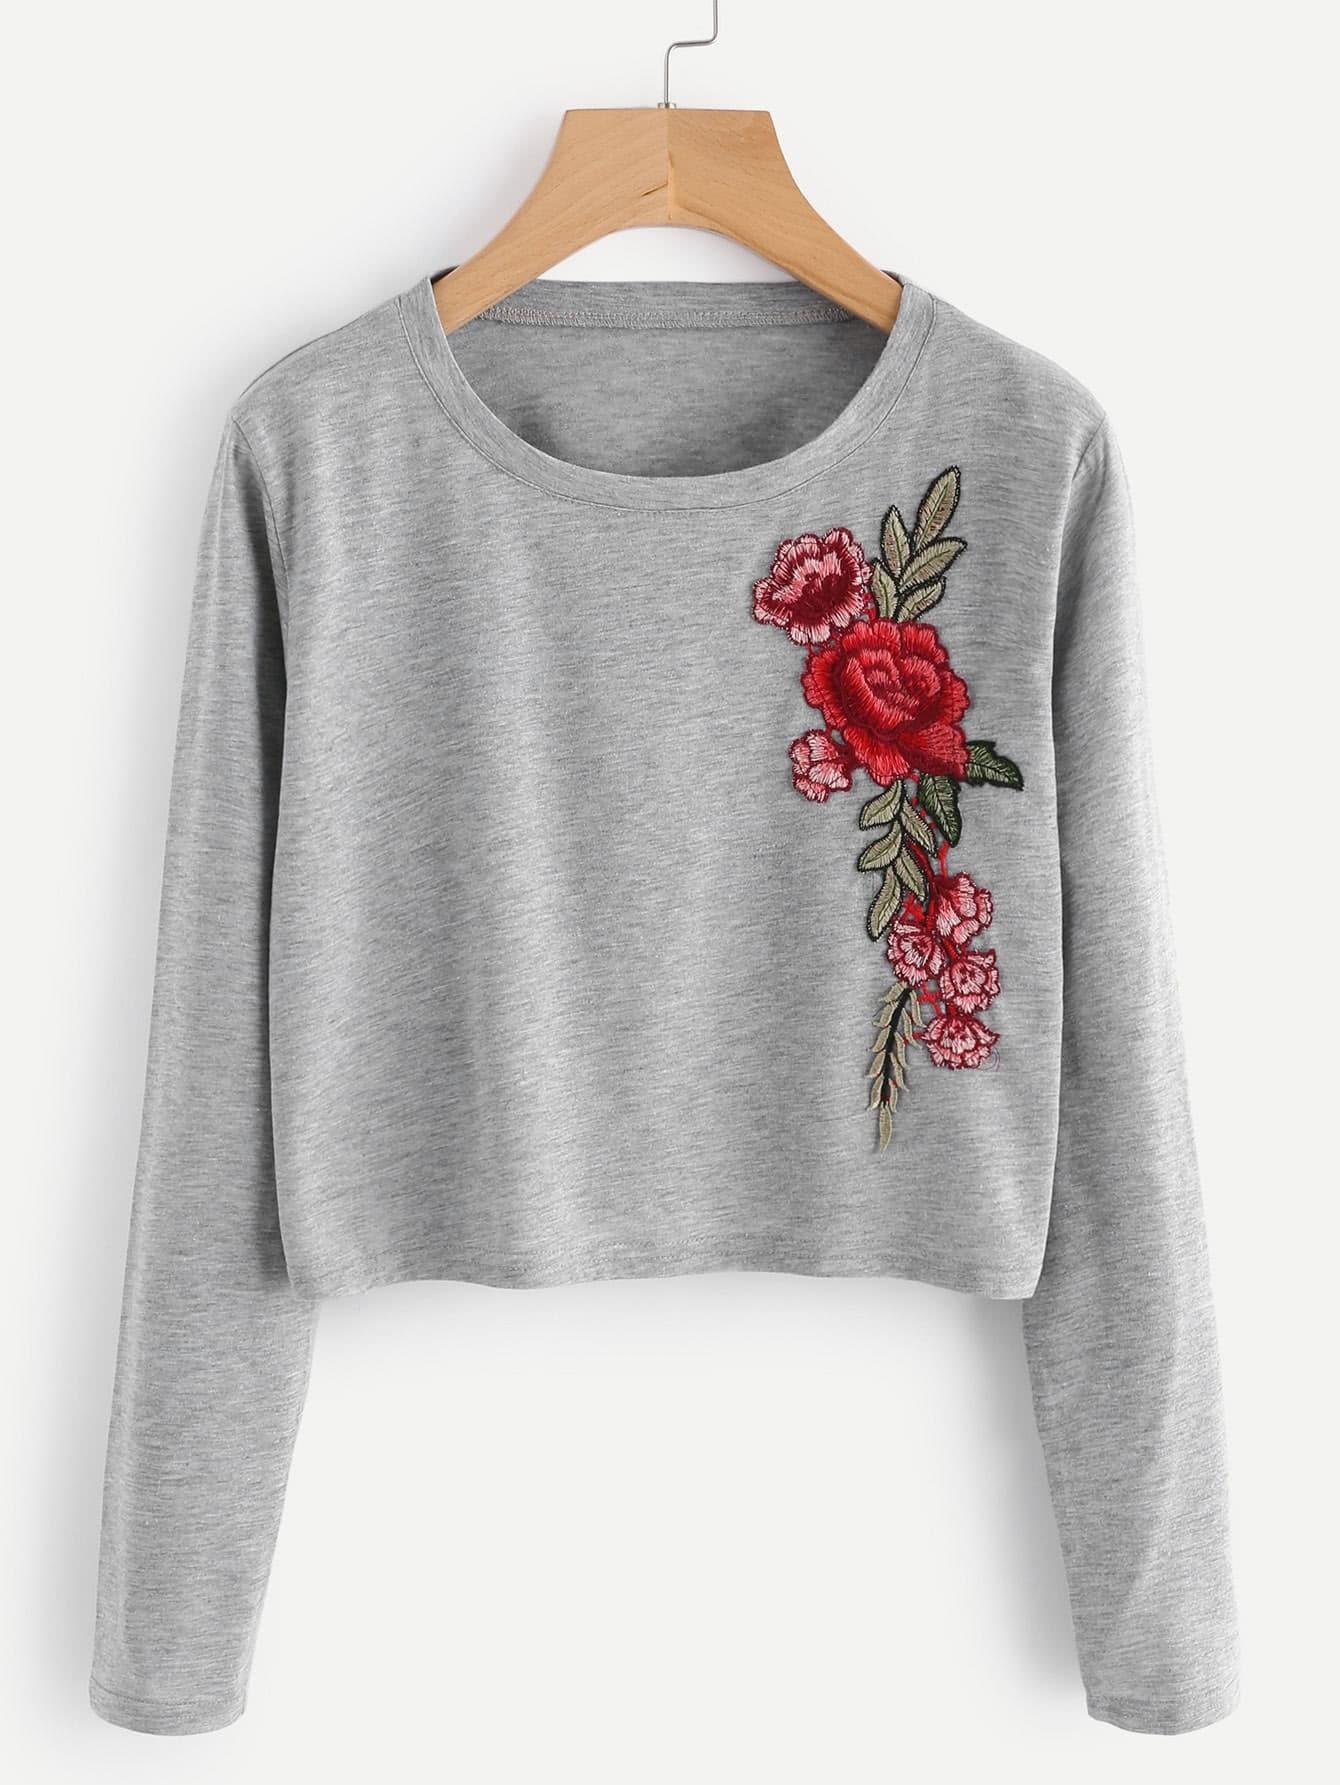 Купить Большая футболка с украшением цветов, null, SheIn